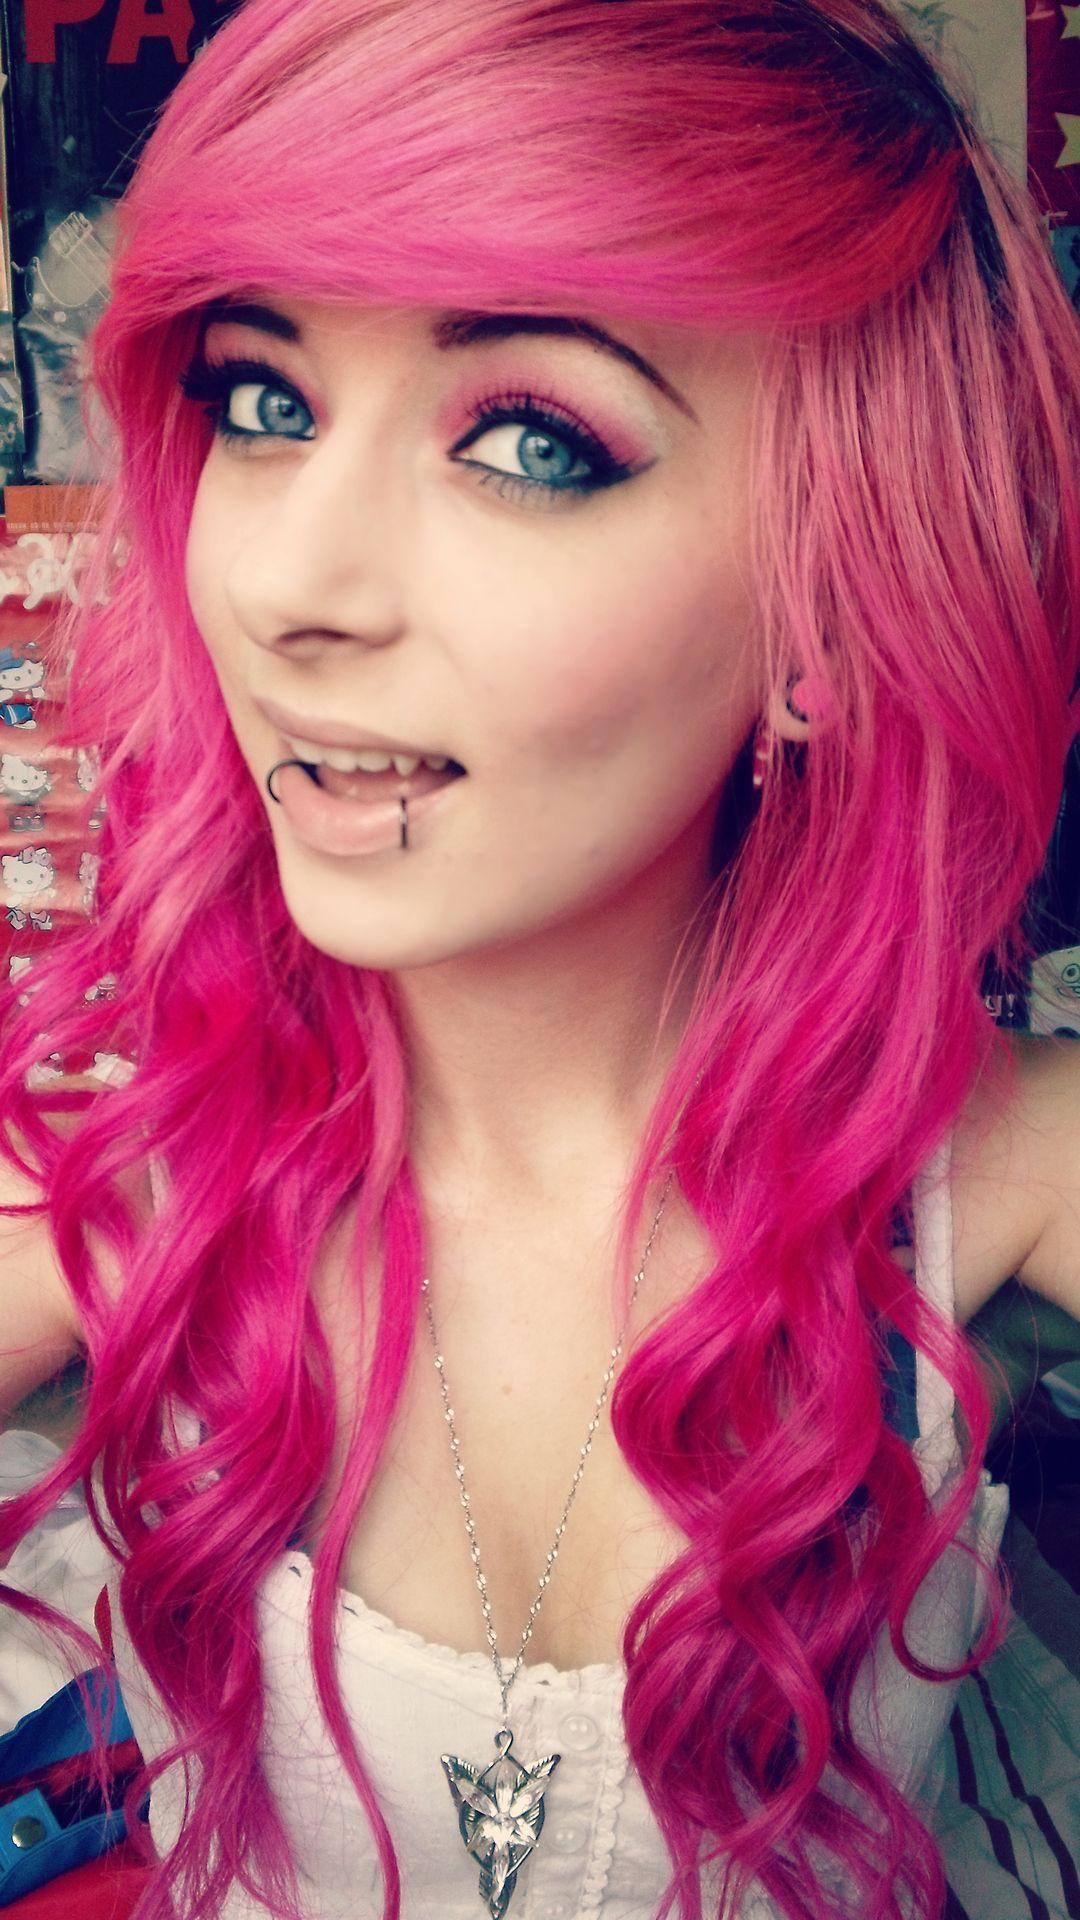 Pink hair hair pinterest cabello color de cabello and color